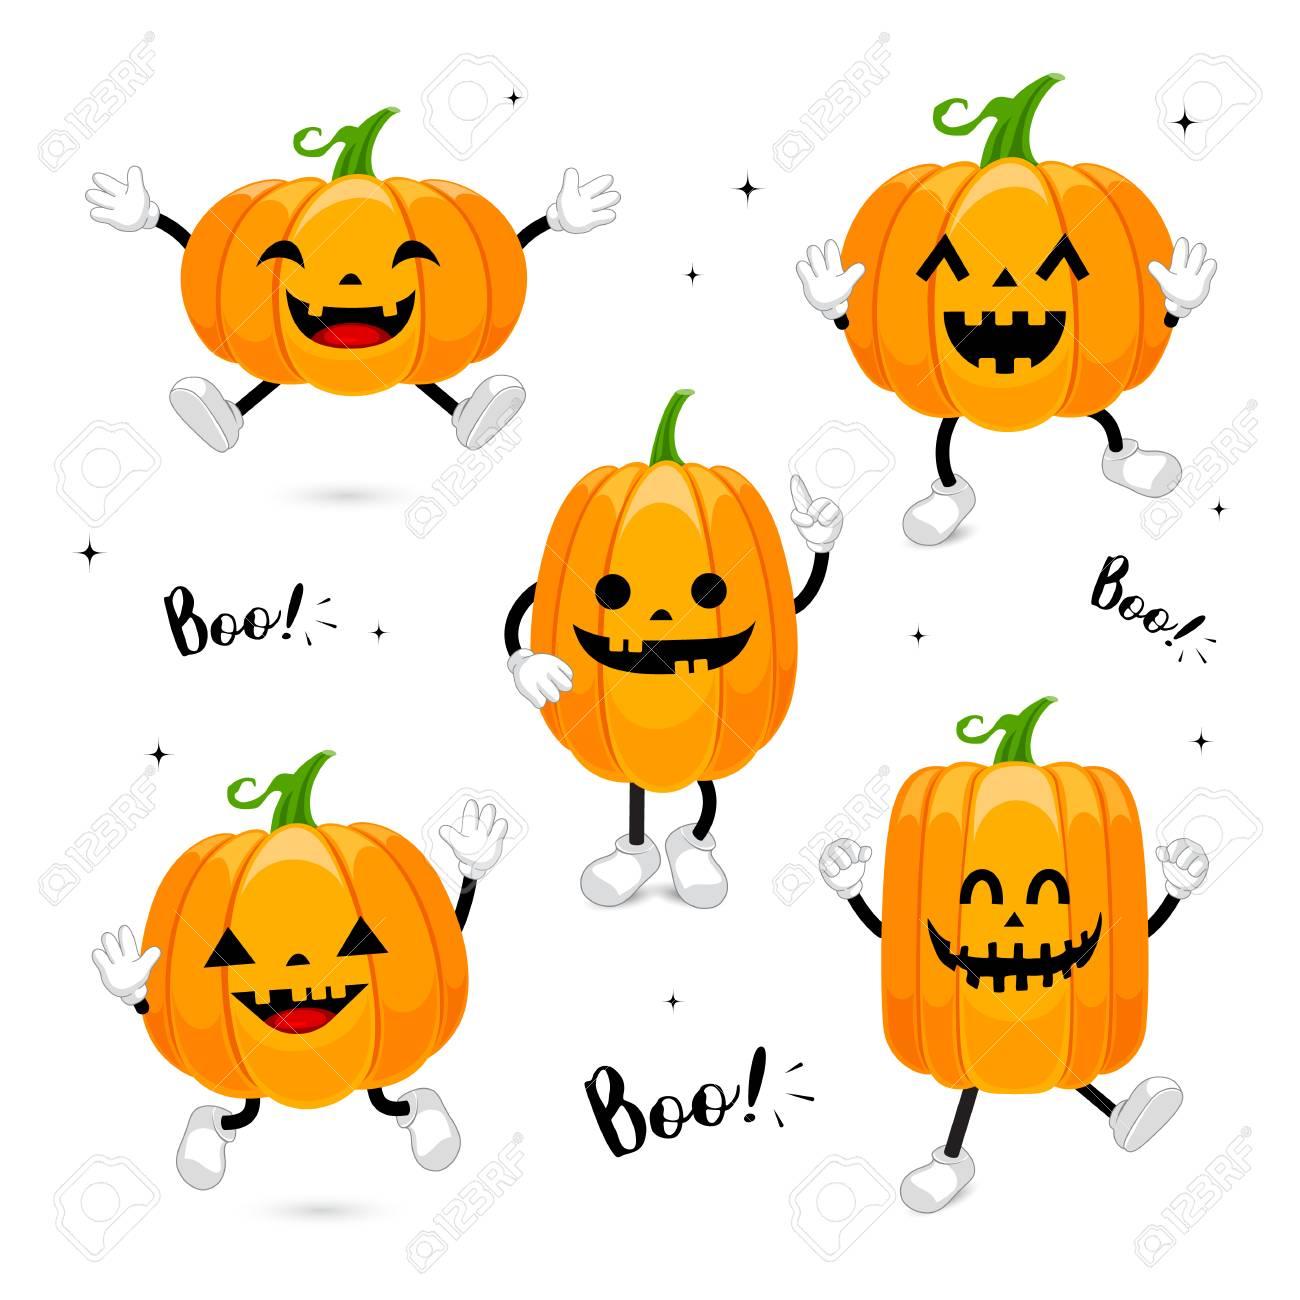 Ensemble De Conception De Personnage De Citrouille Dessin Animé Mignon Concept De Jour De Halloween Heureux Illustration Isolée Sur Fond Blanc